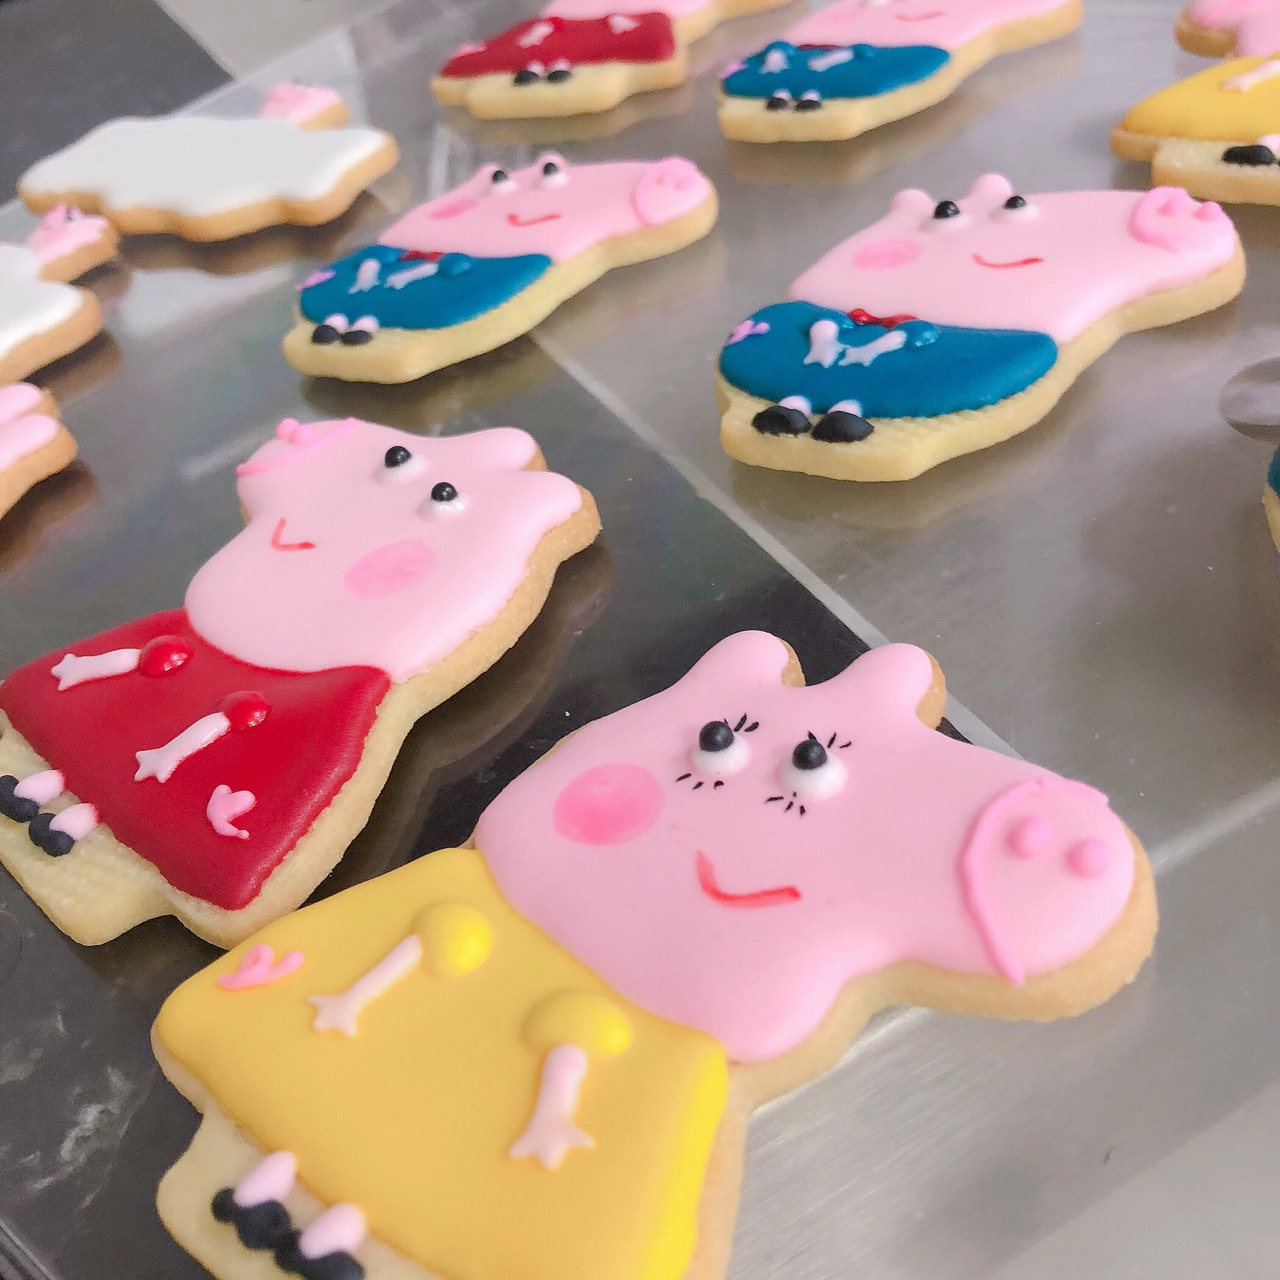 小猪佩奇糖霜饼干的做法图解4